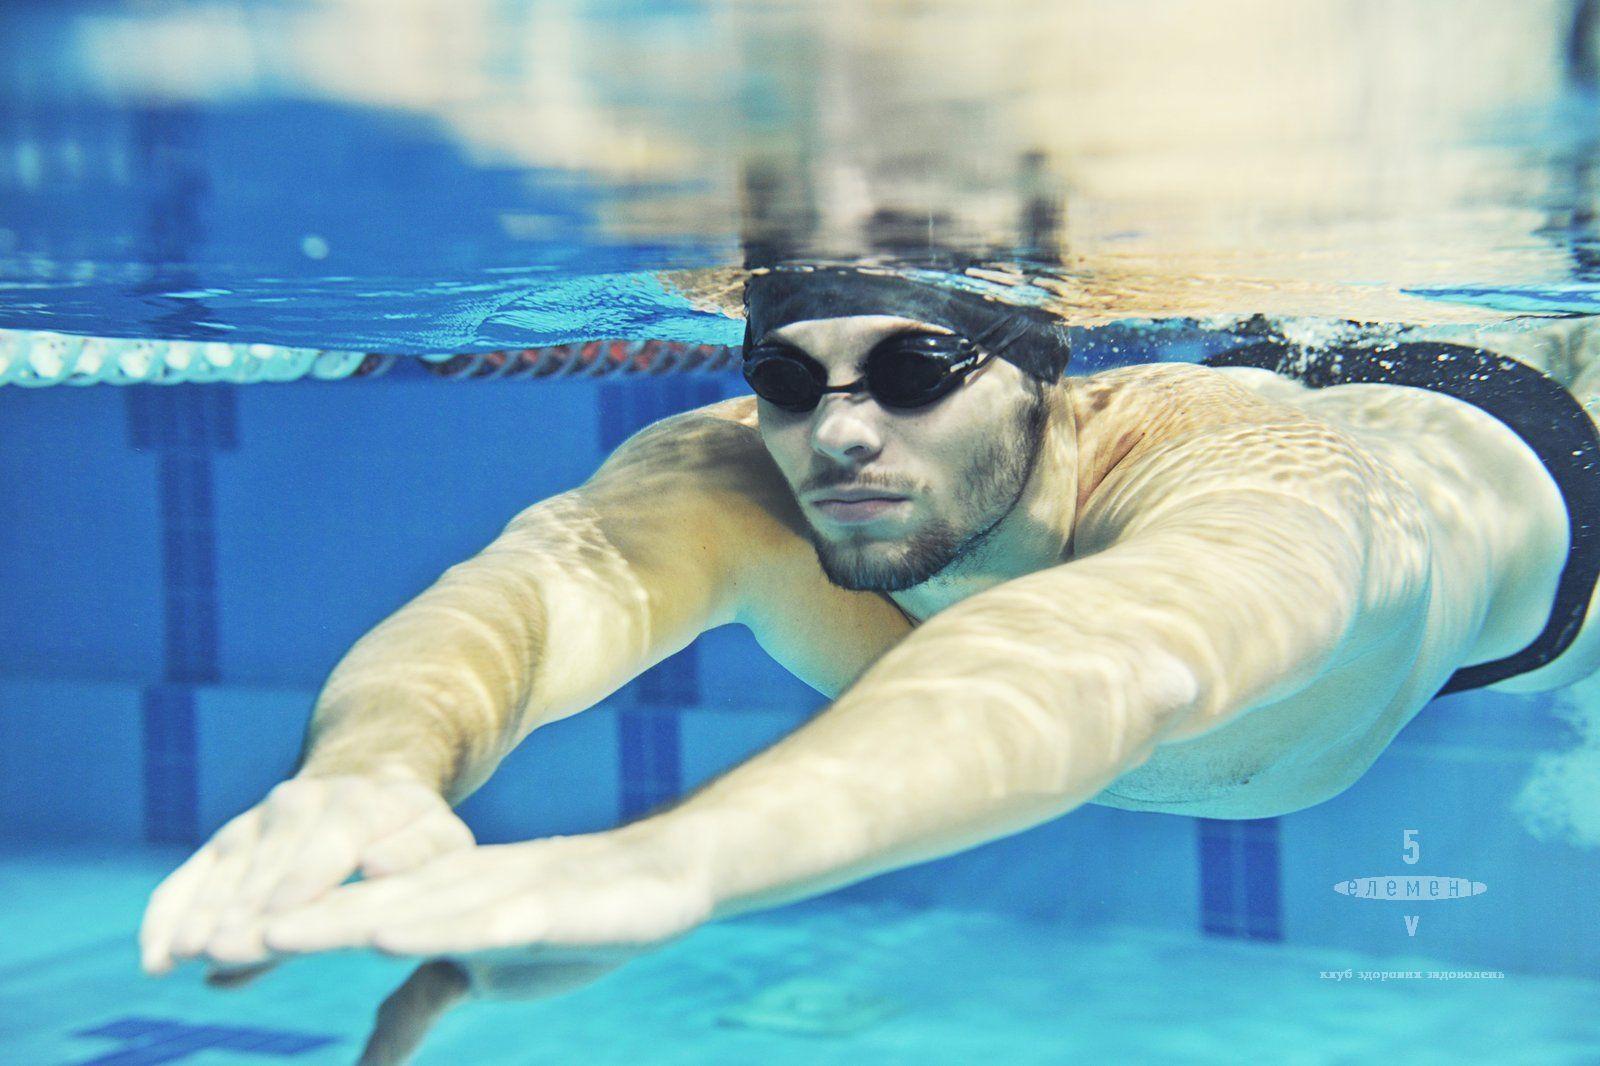 Аквааэробика: понятие, особенности тренировок